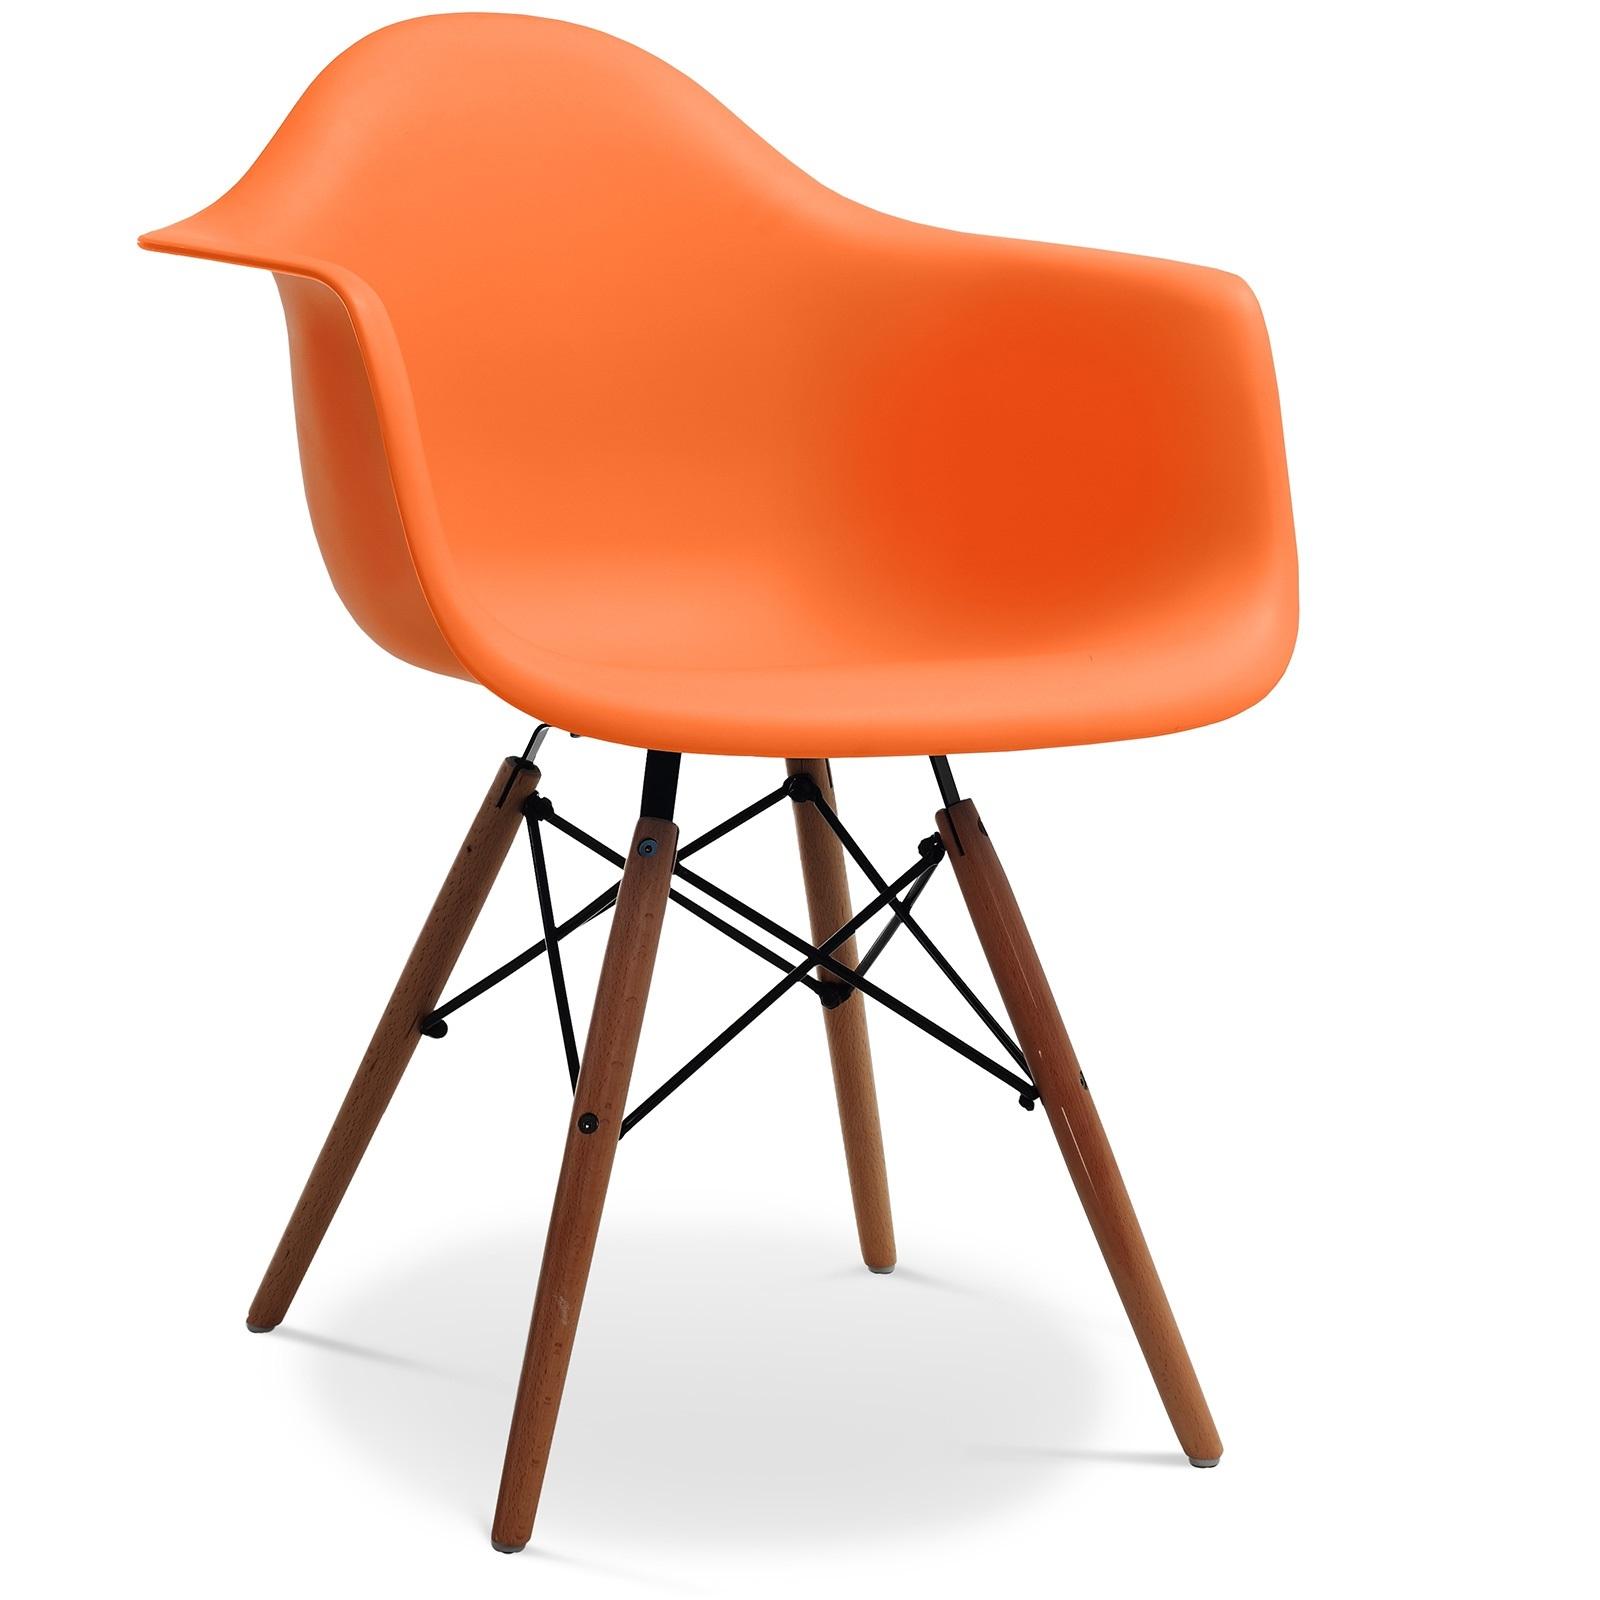 Fauteuil polypropyl ne orange pieds bois fonc inspir e for Chaise eames pied bois